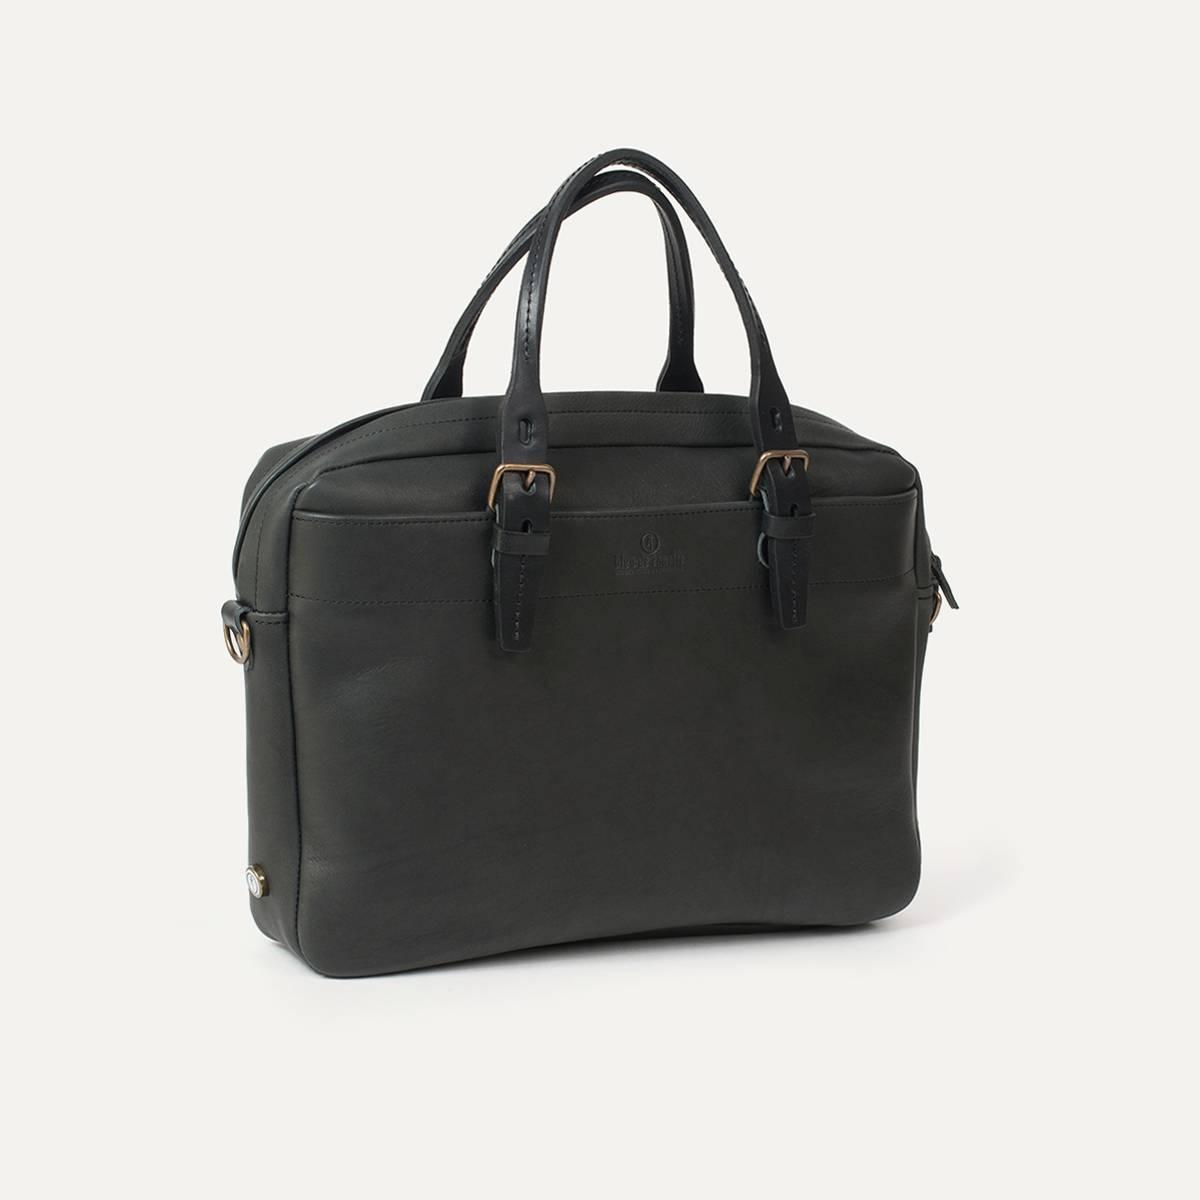 leather business work bags for men i made in france. Black Bedroom Furniture Sets. Home Design Ideas